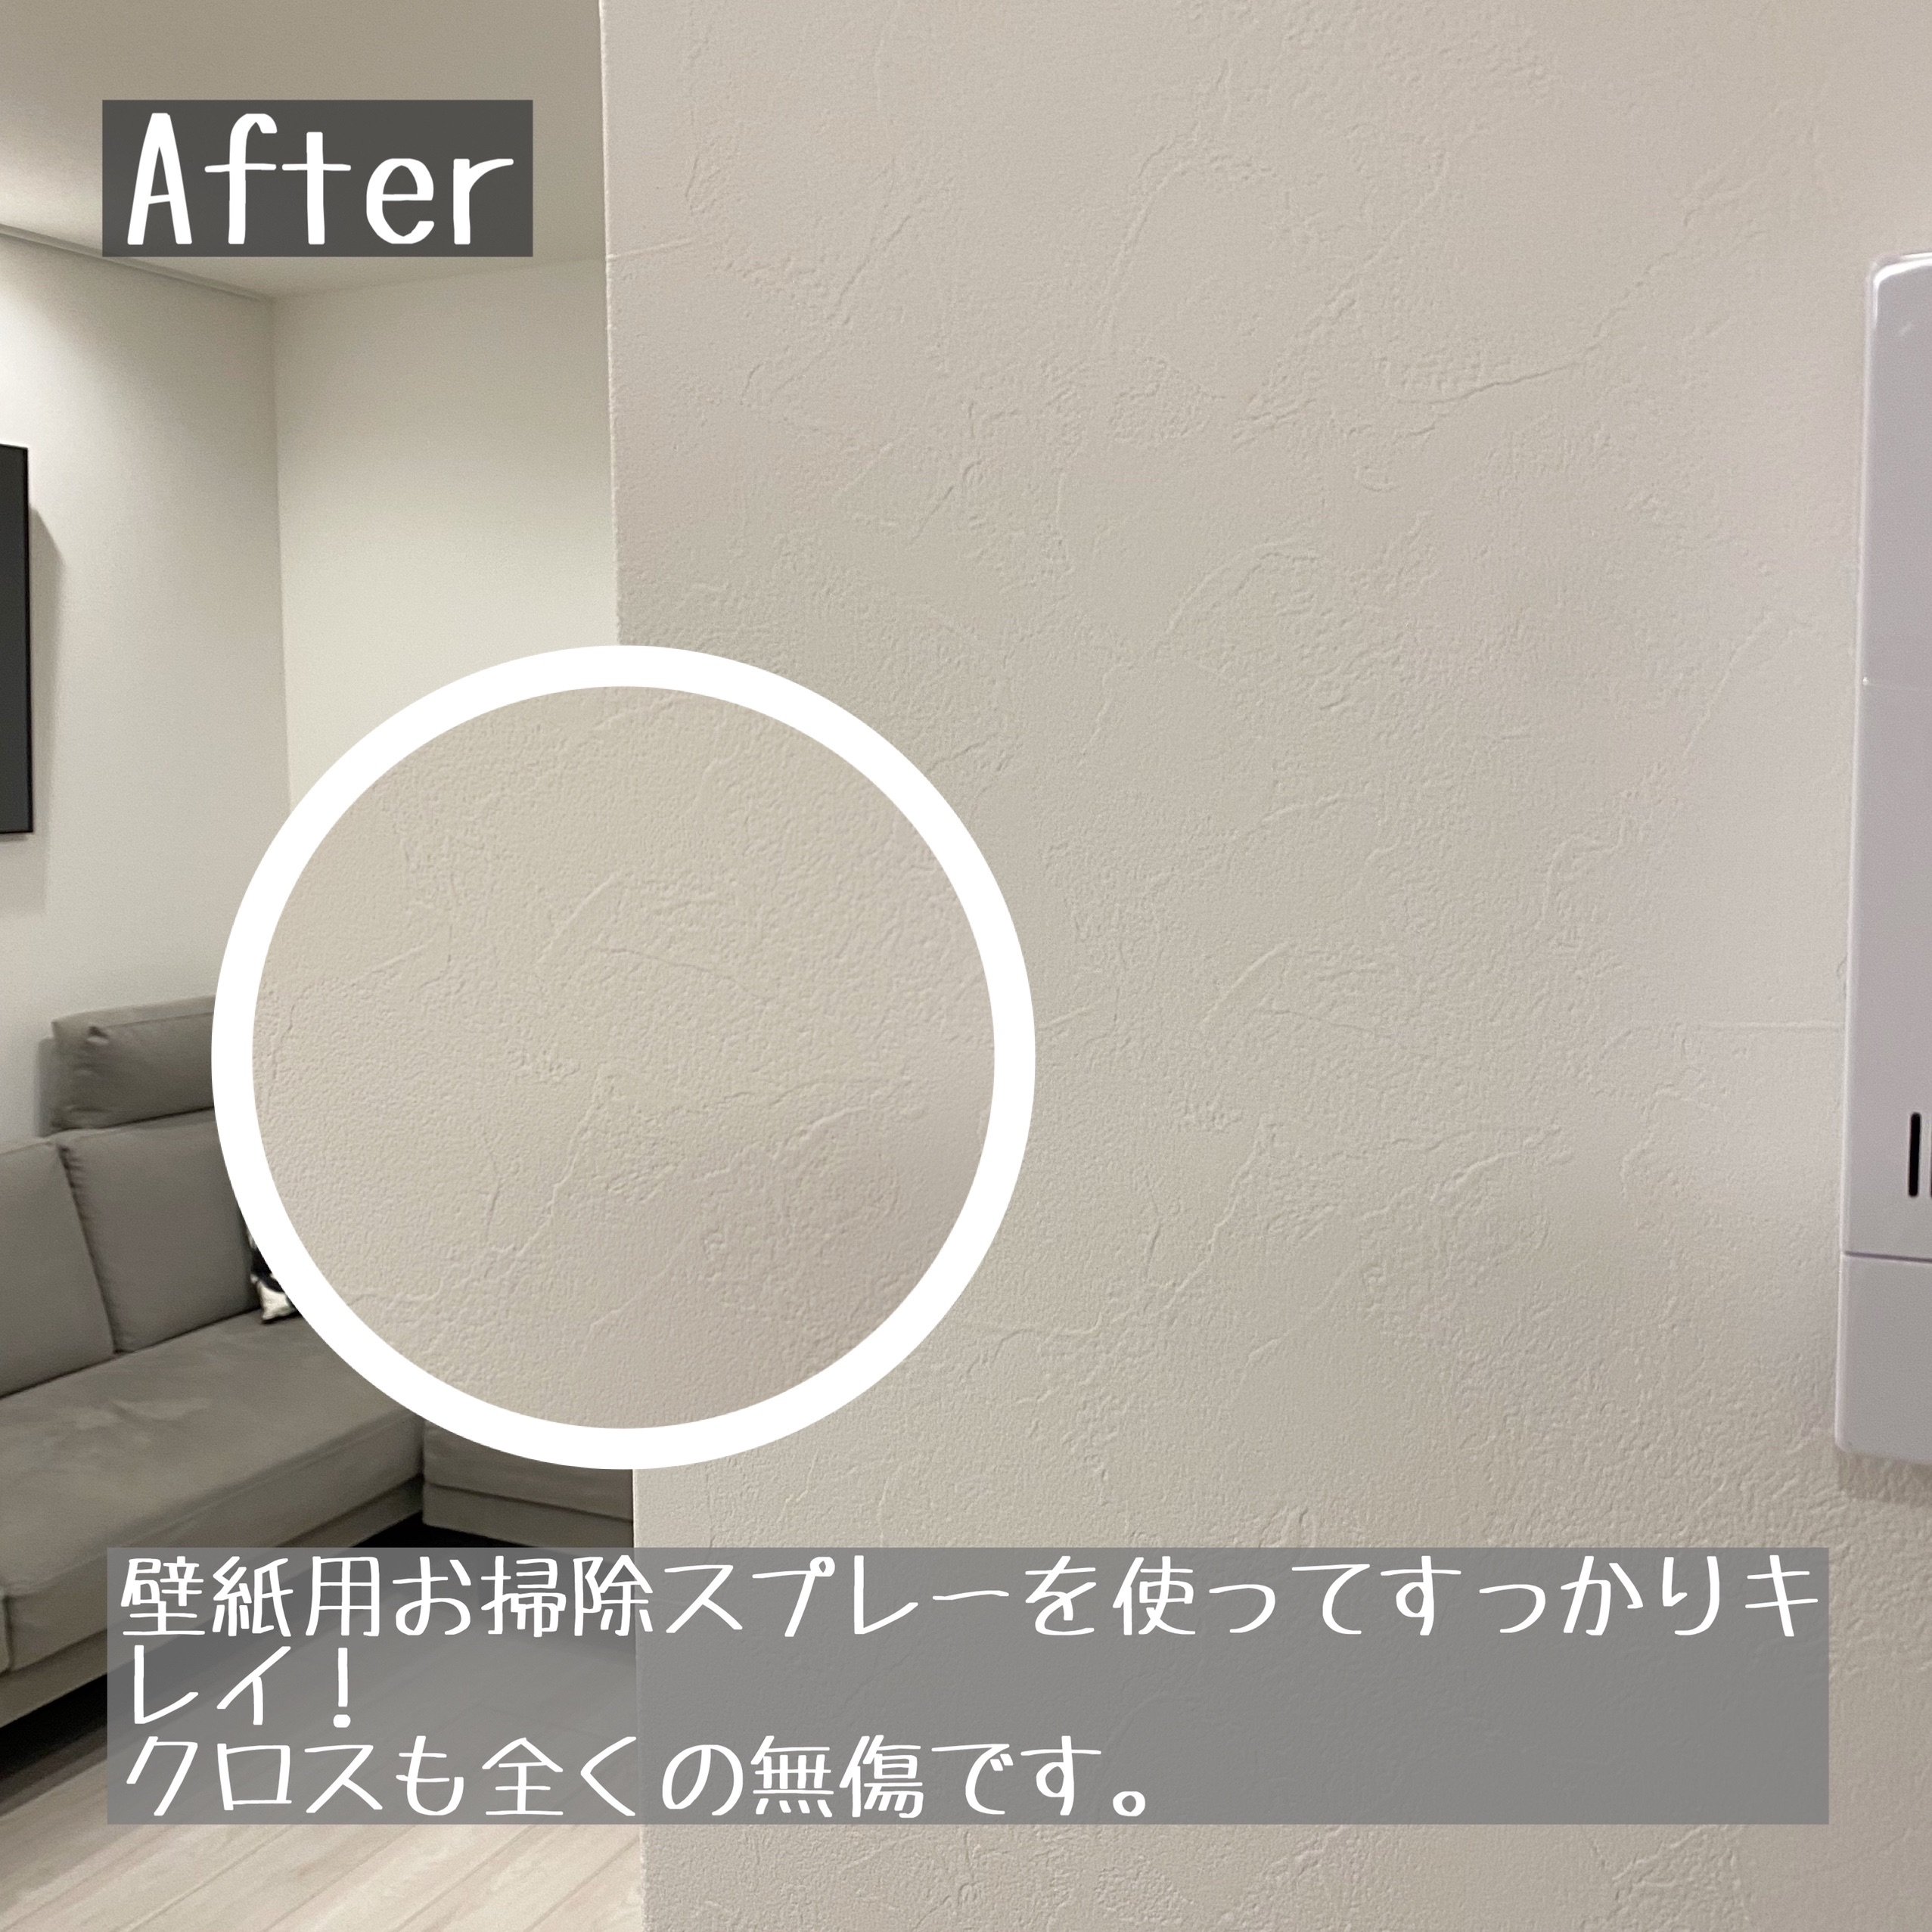 f:id:kikujiro_happy_home:20210924183204j:image